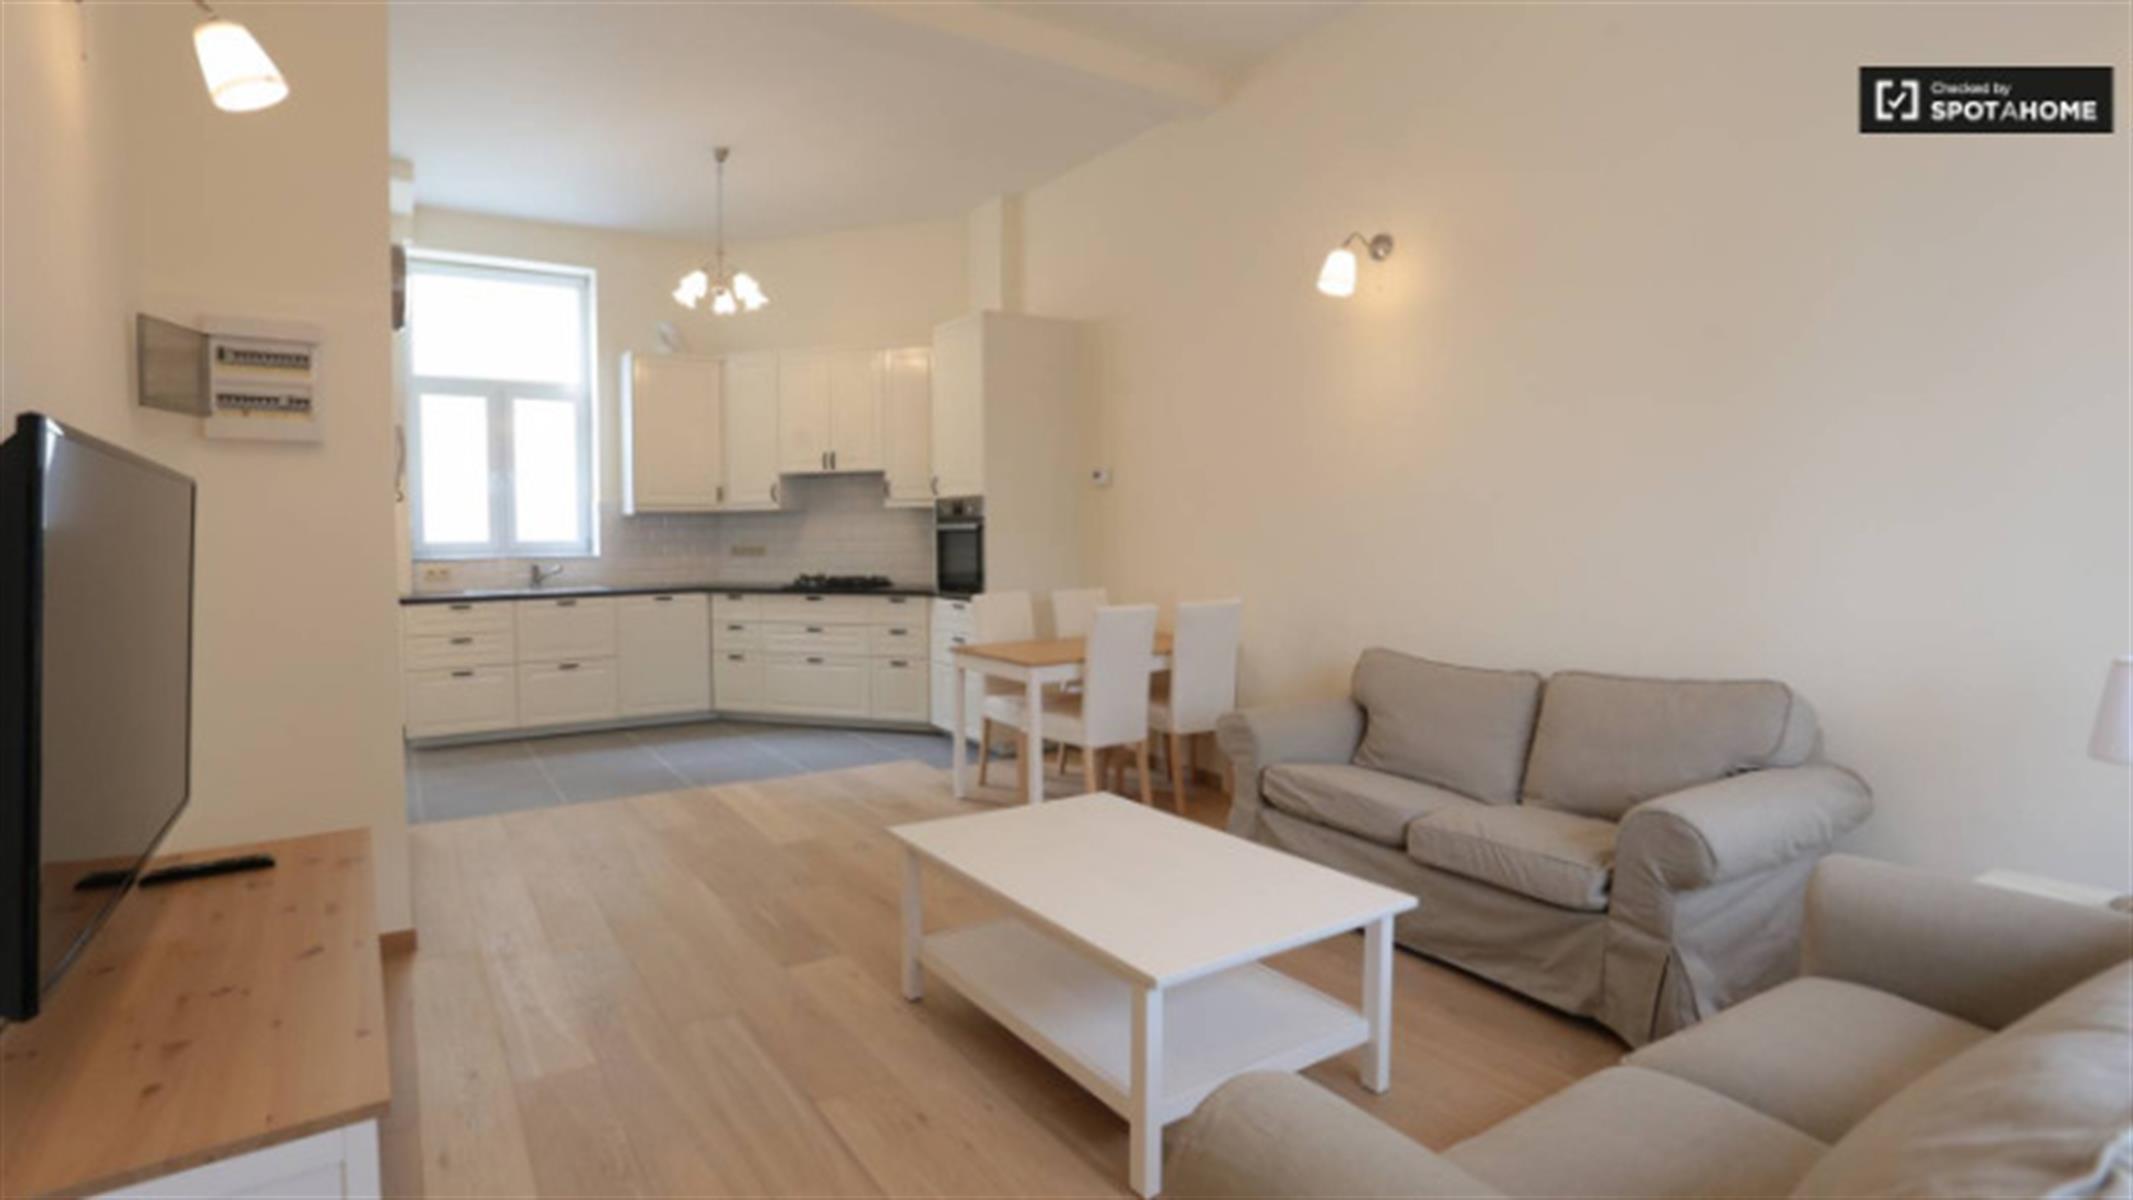 Duplex - Ixelles - #4150164-4